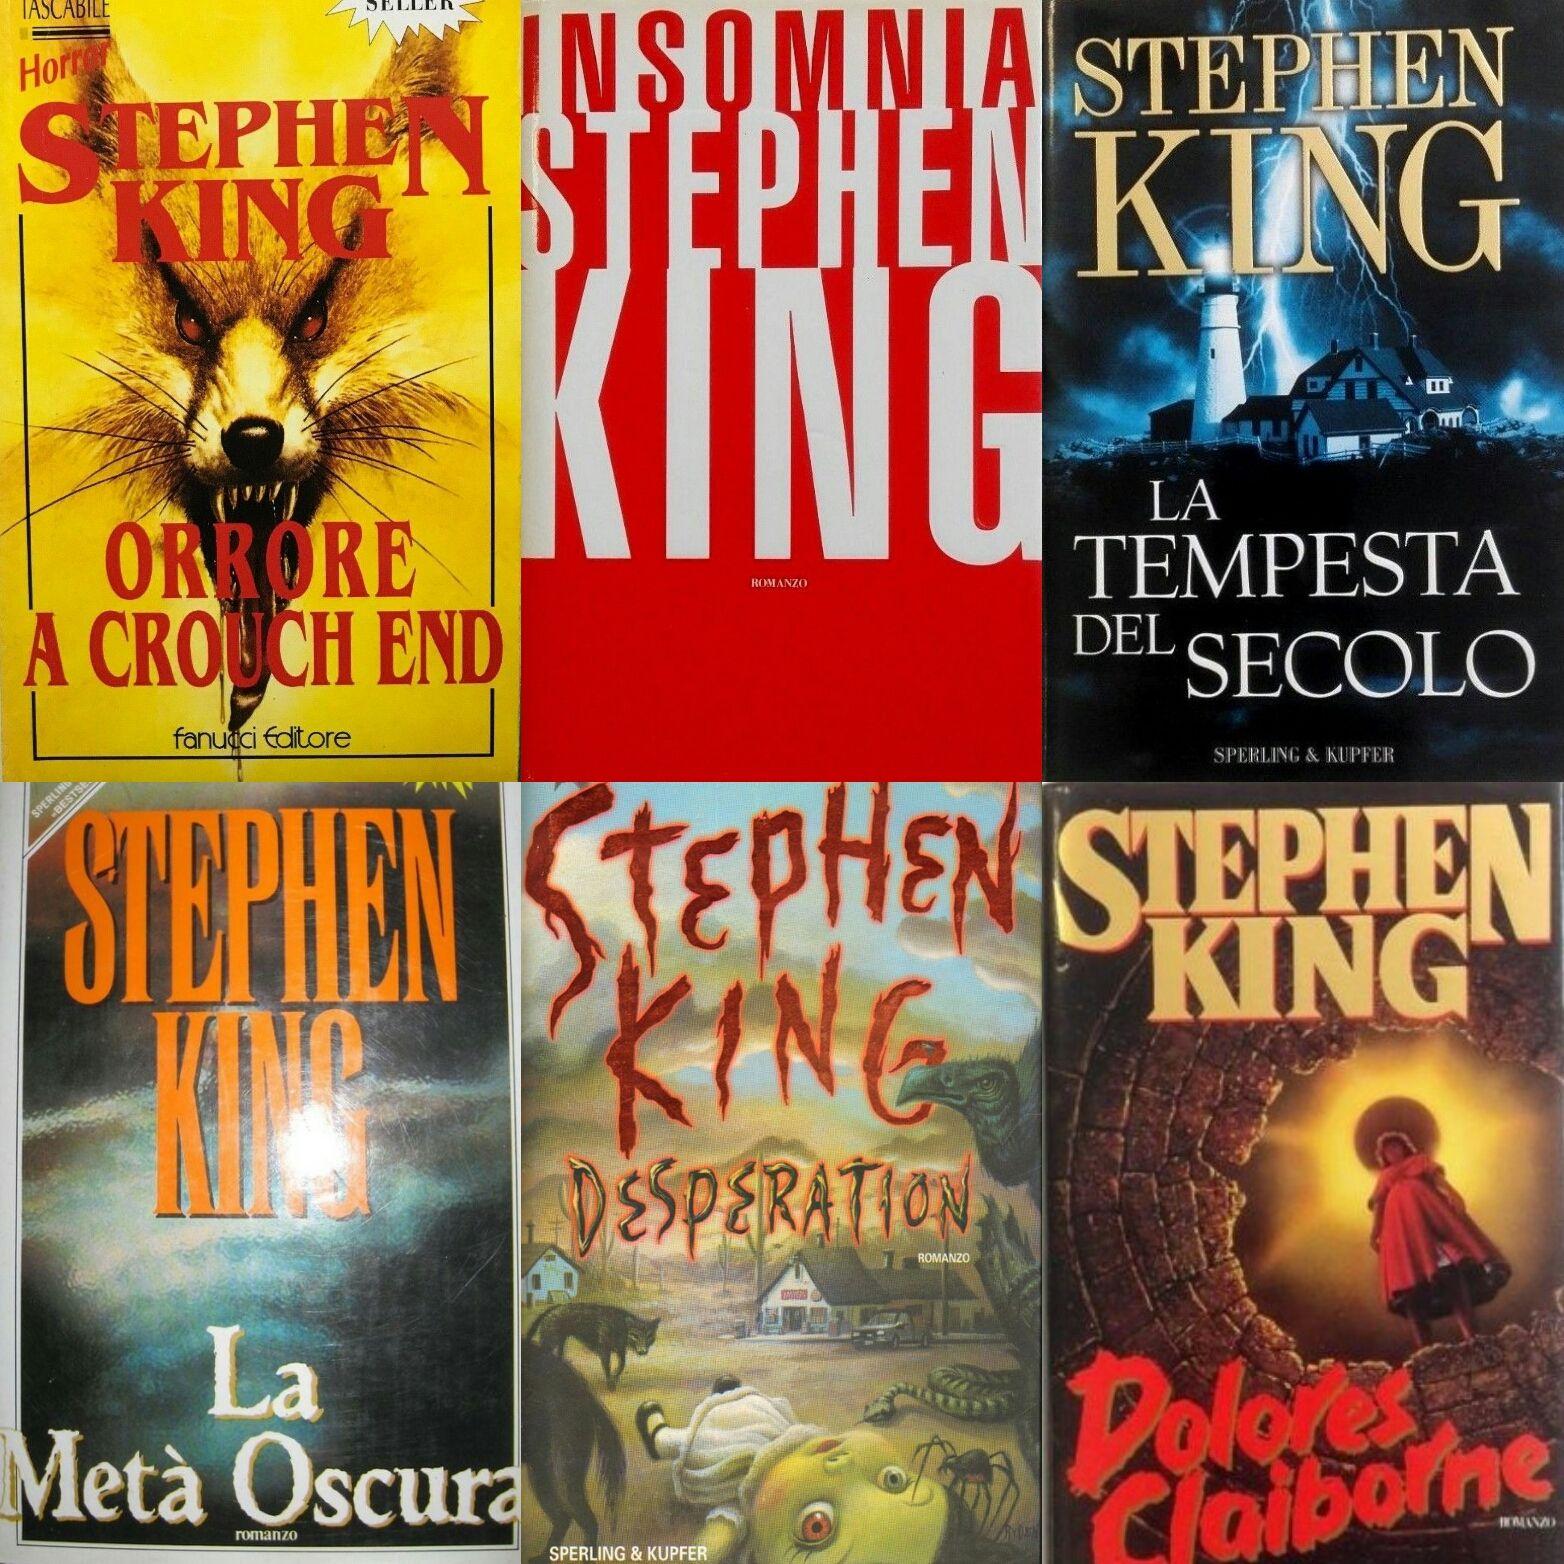 …su eBay ci sono 6 prime edizioni di Stephen King sotto i 6 euro